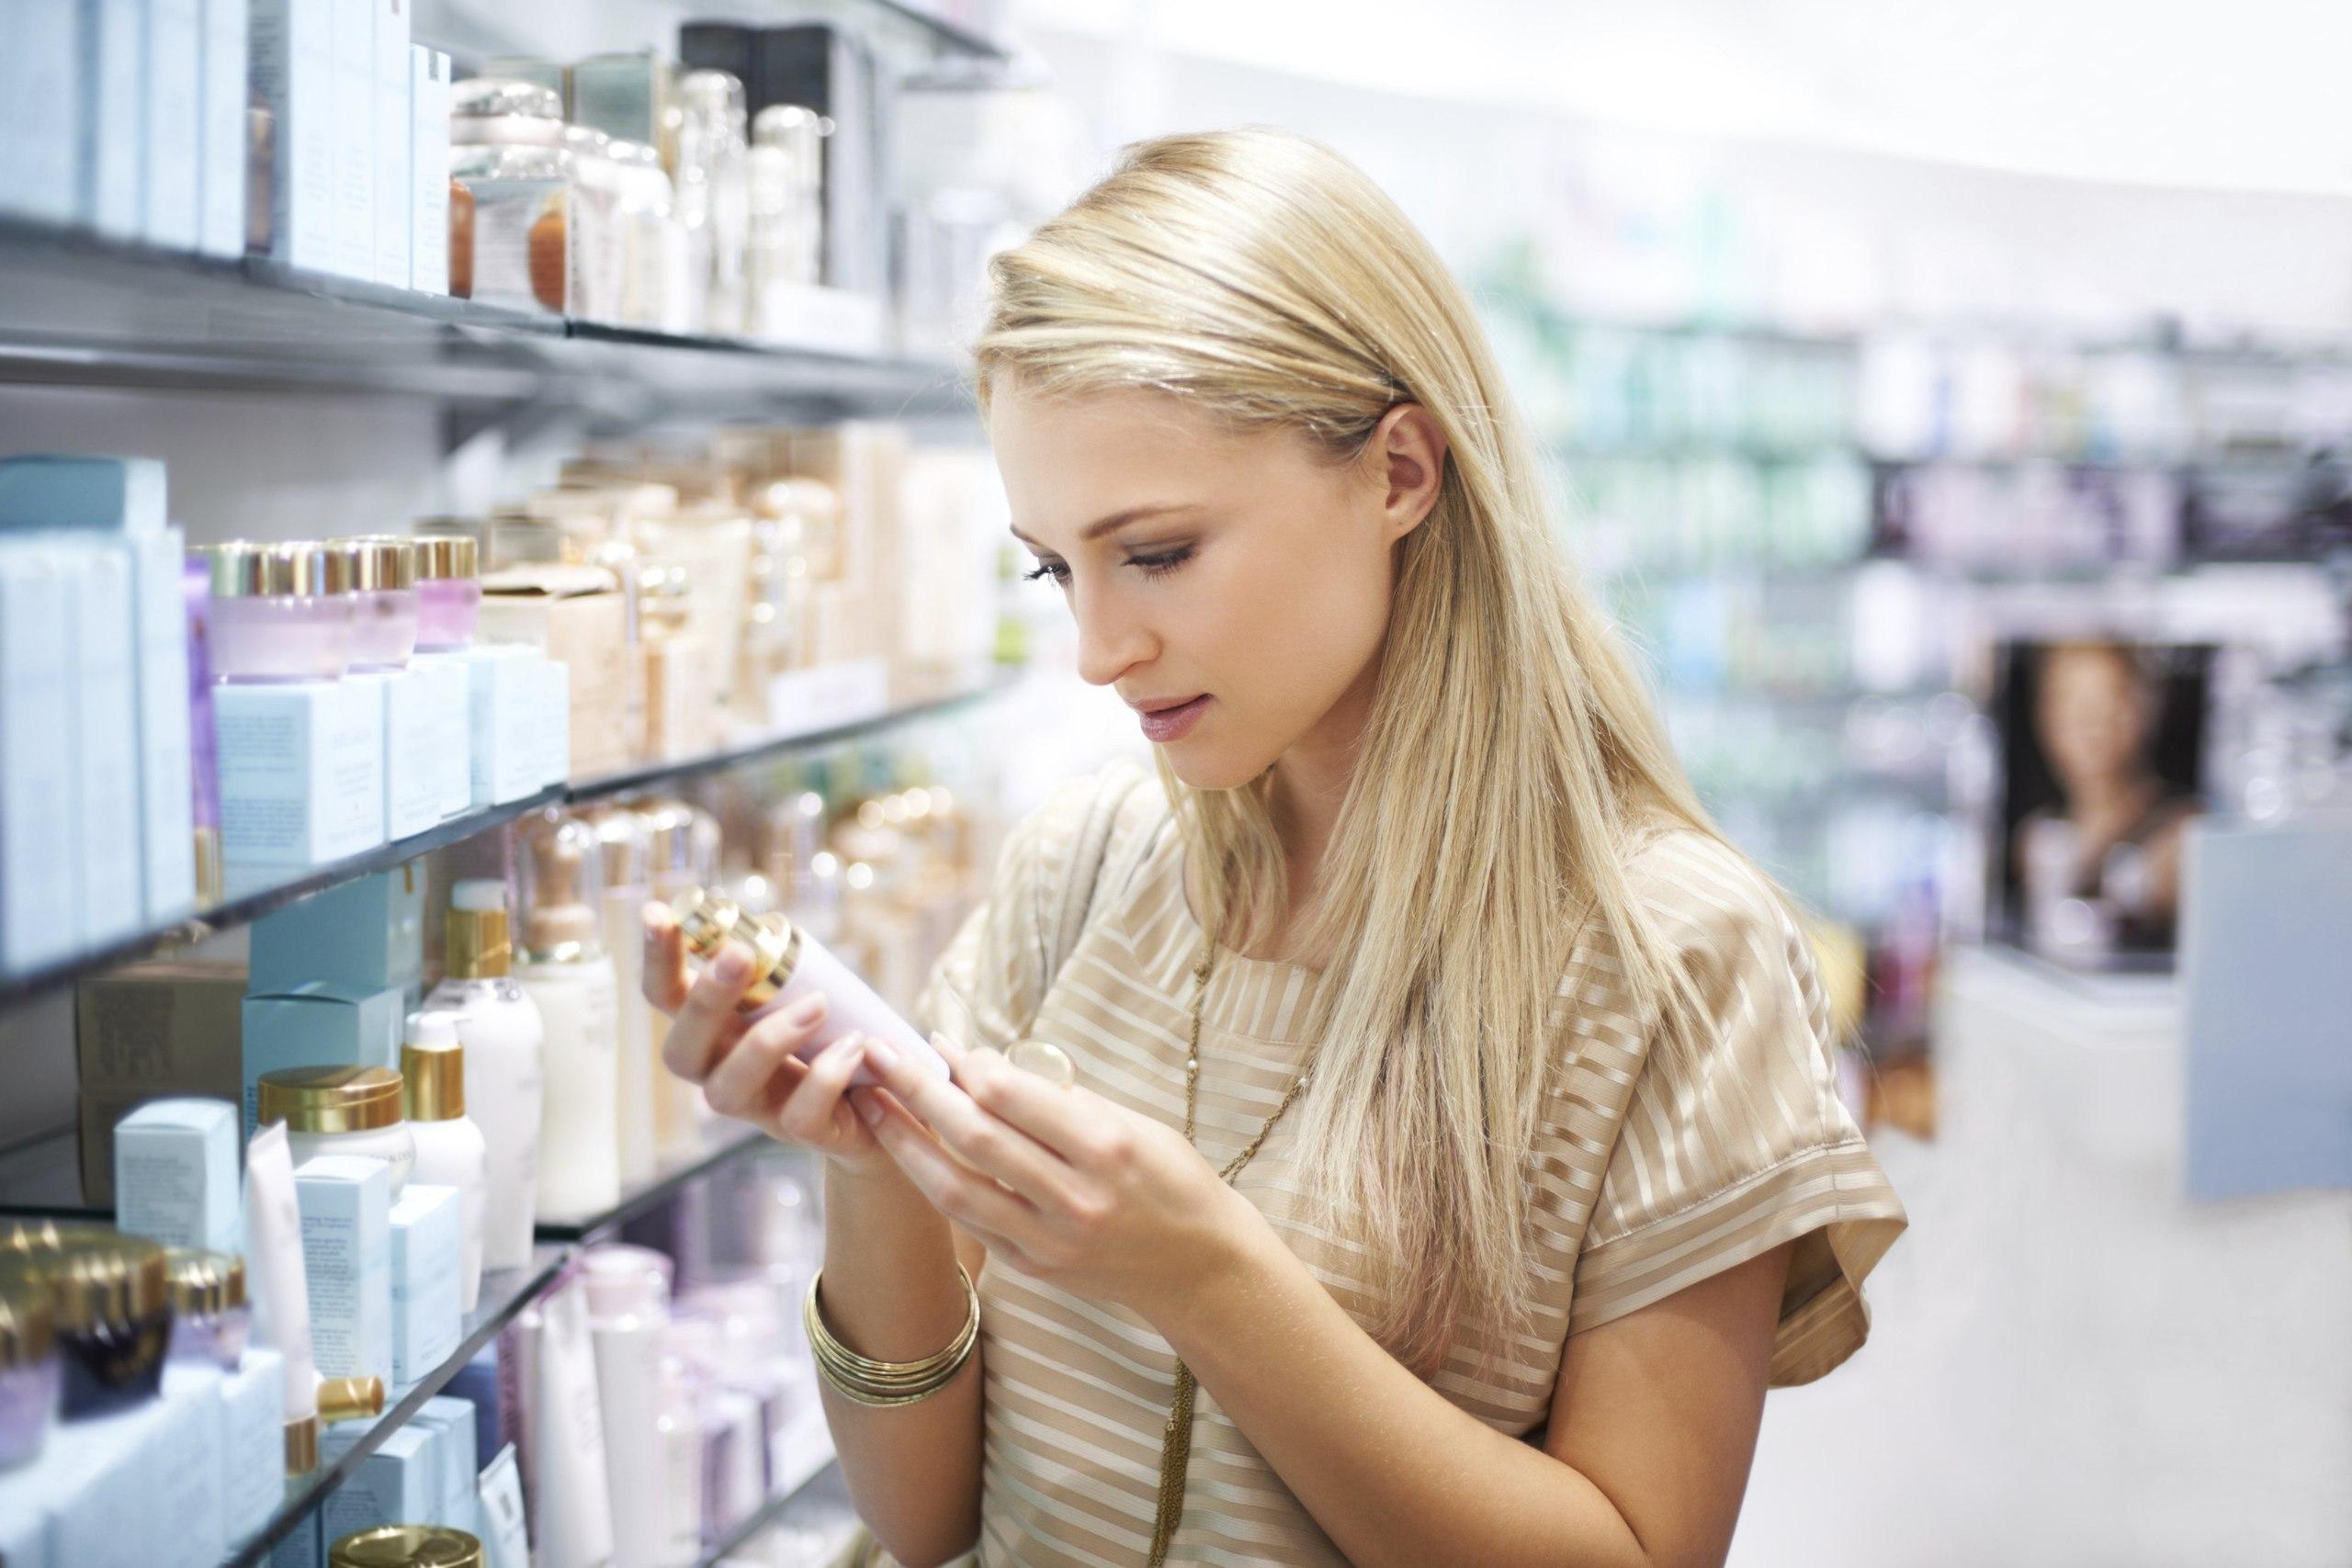 Преимущества и риски использования космецевтиков